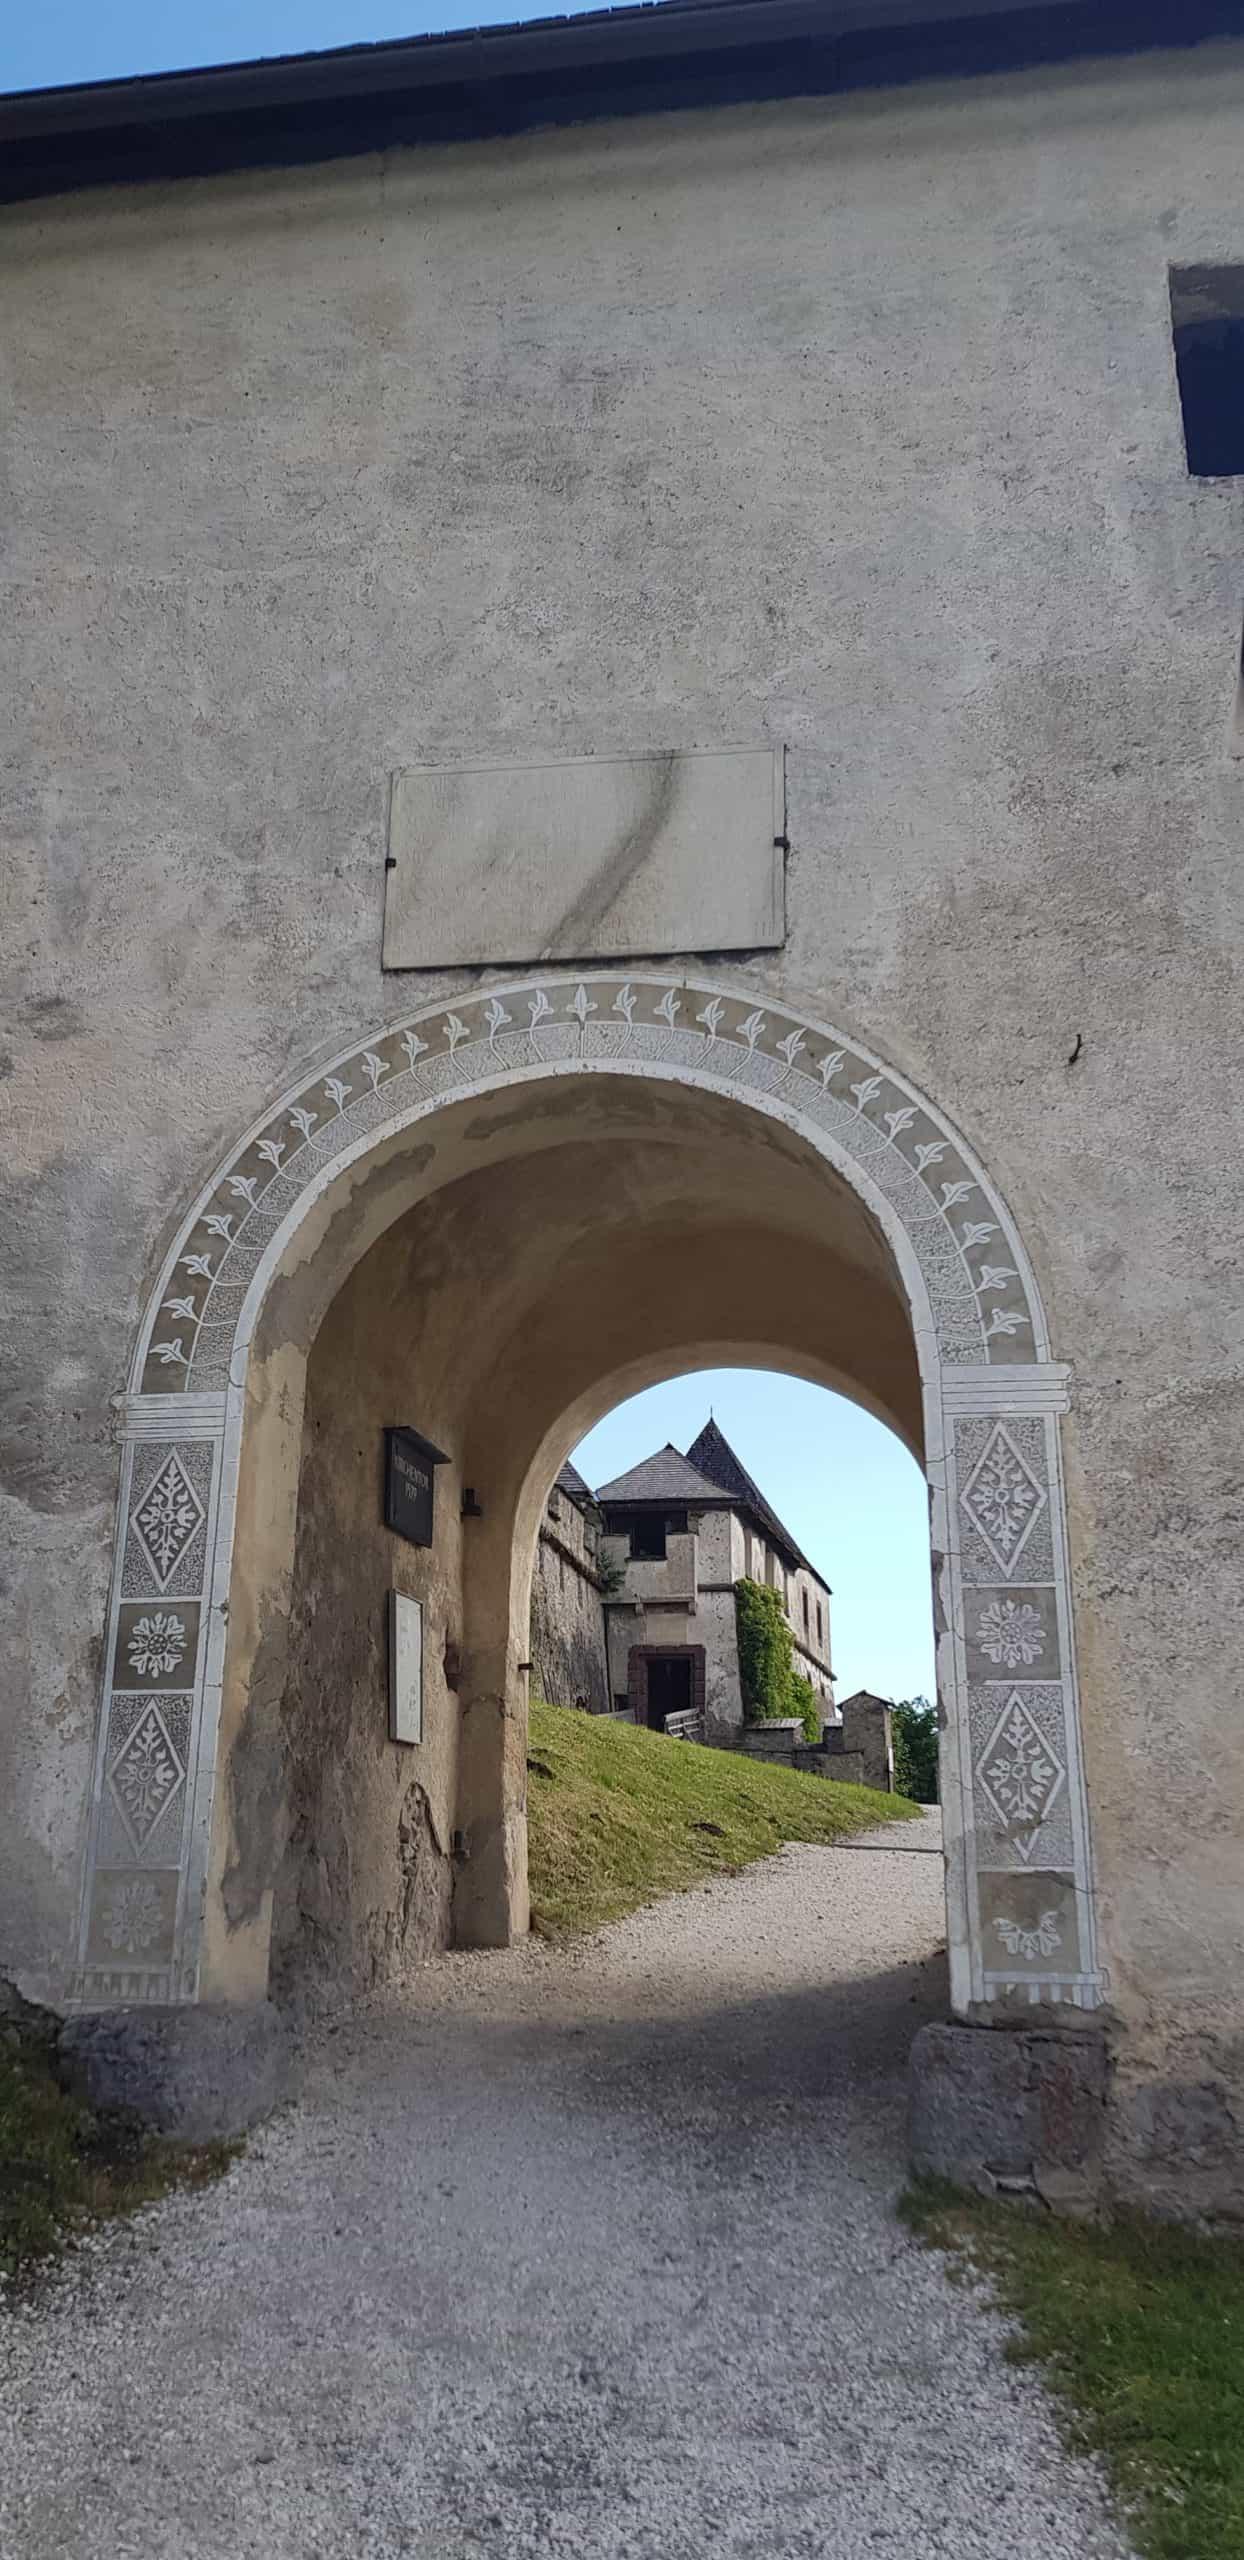 Kirchentor auf Mittelalter-Burg Hochosterwitz in Kärnten. Ausflugsziel Nähe Klagenfurt und St. Veit